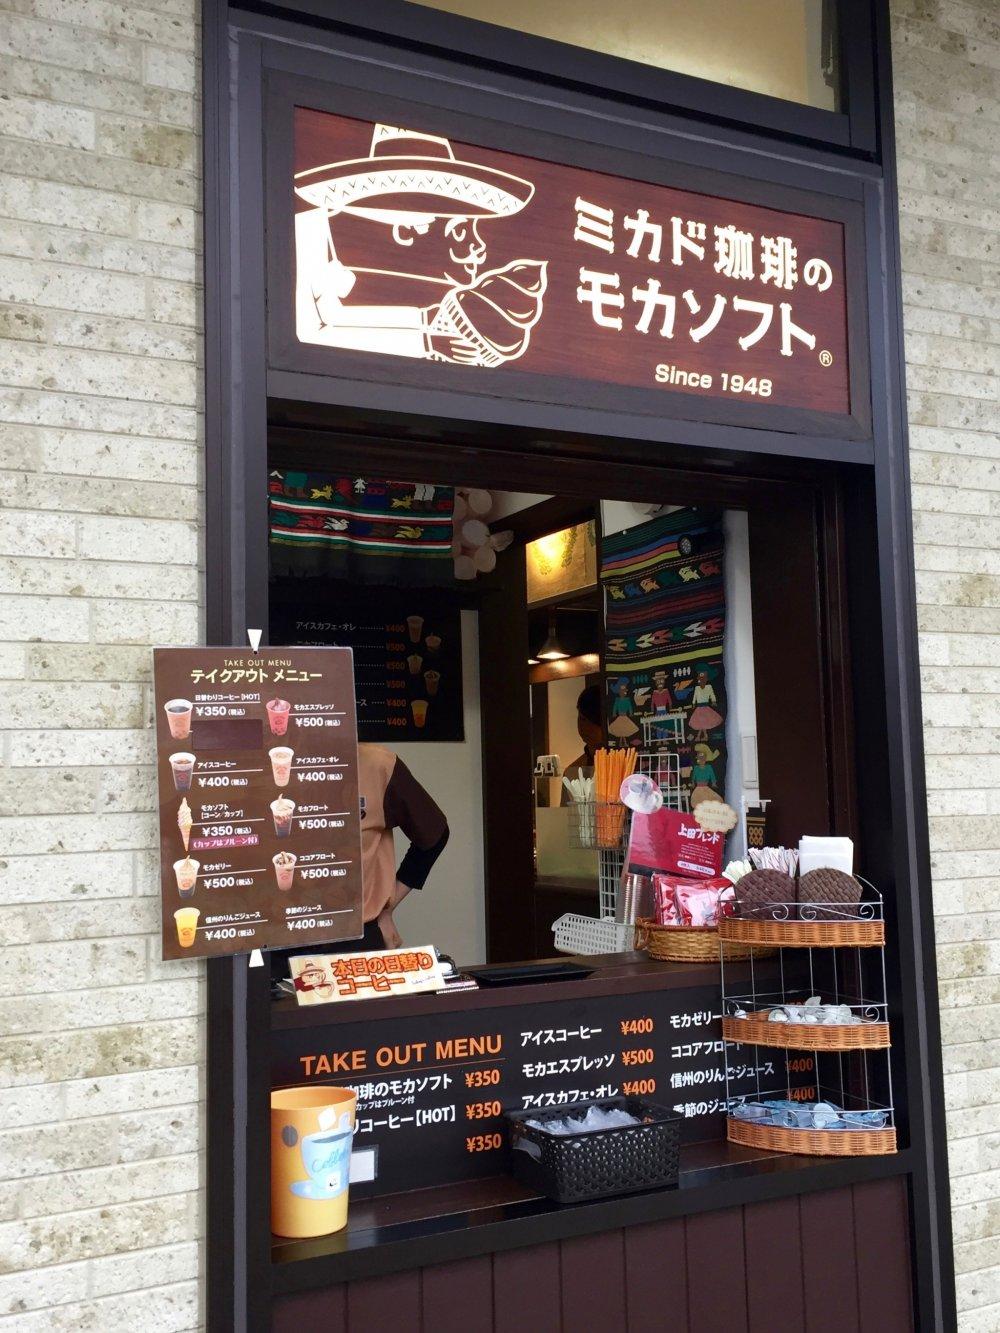 커피와 아이스크림을 테이크아웃으로 주문 가능하다